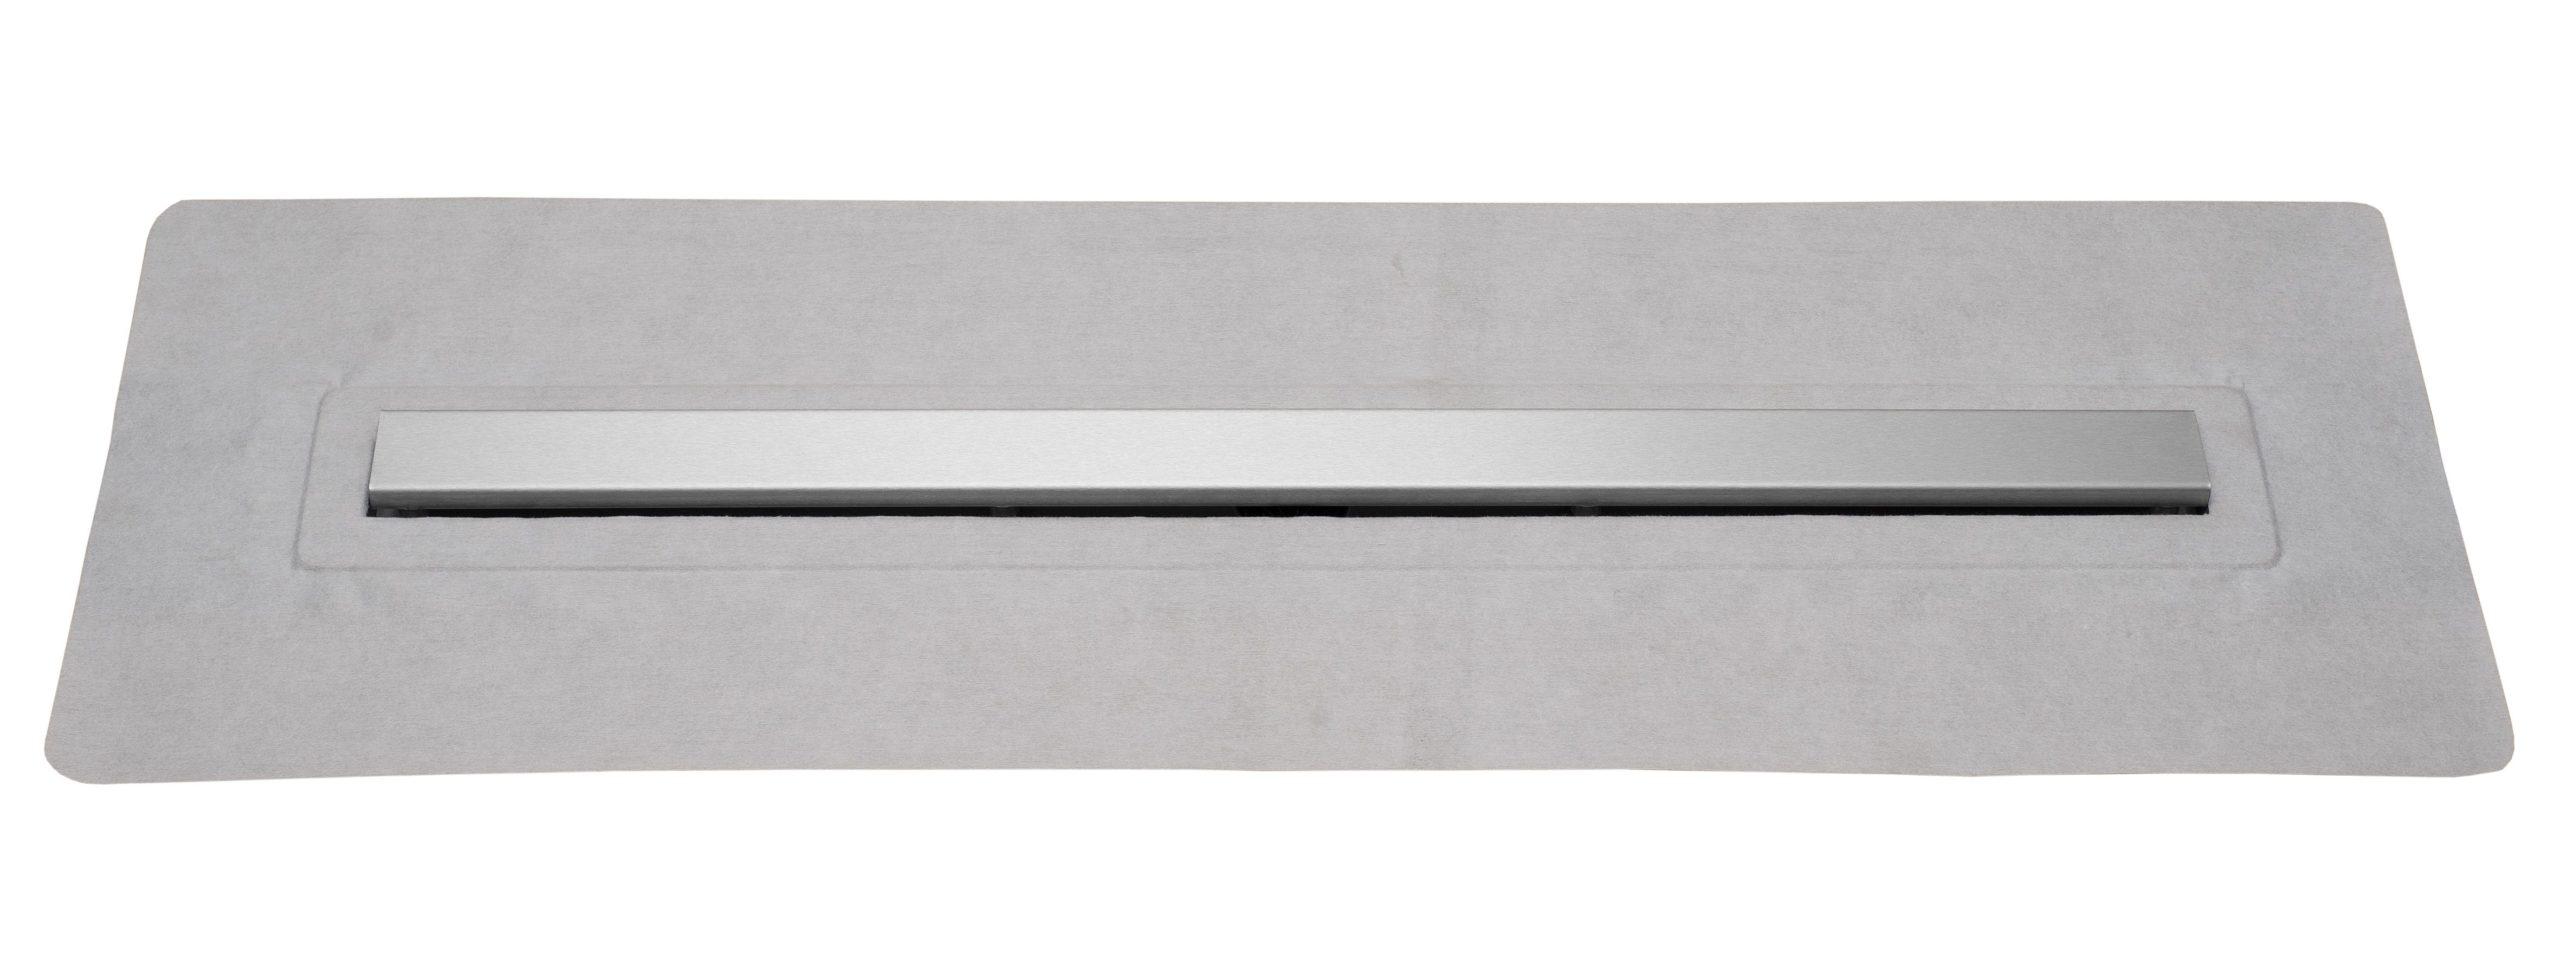 Schutte Free Douchegoot met RVS rooster, lengte 900 mm